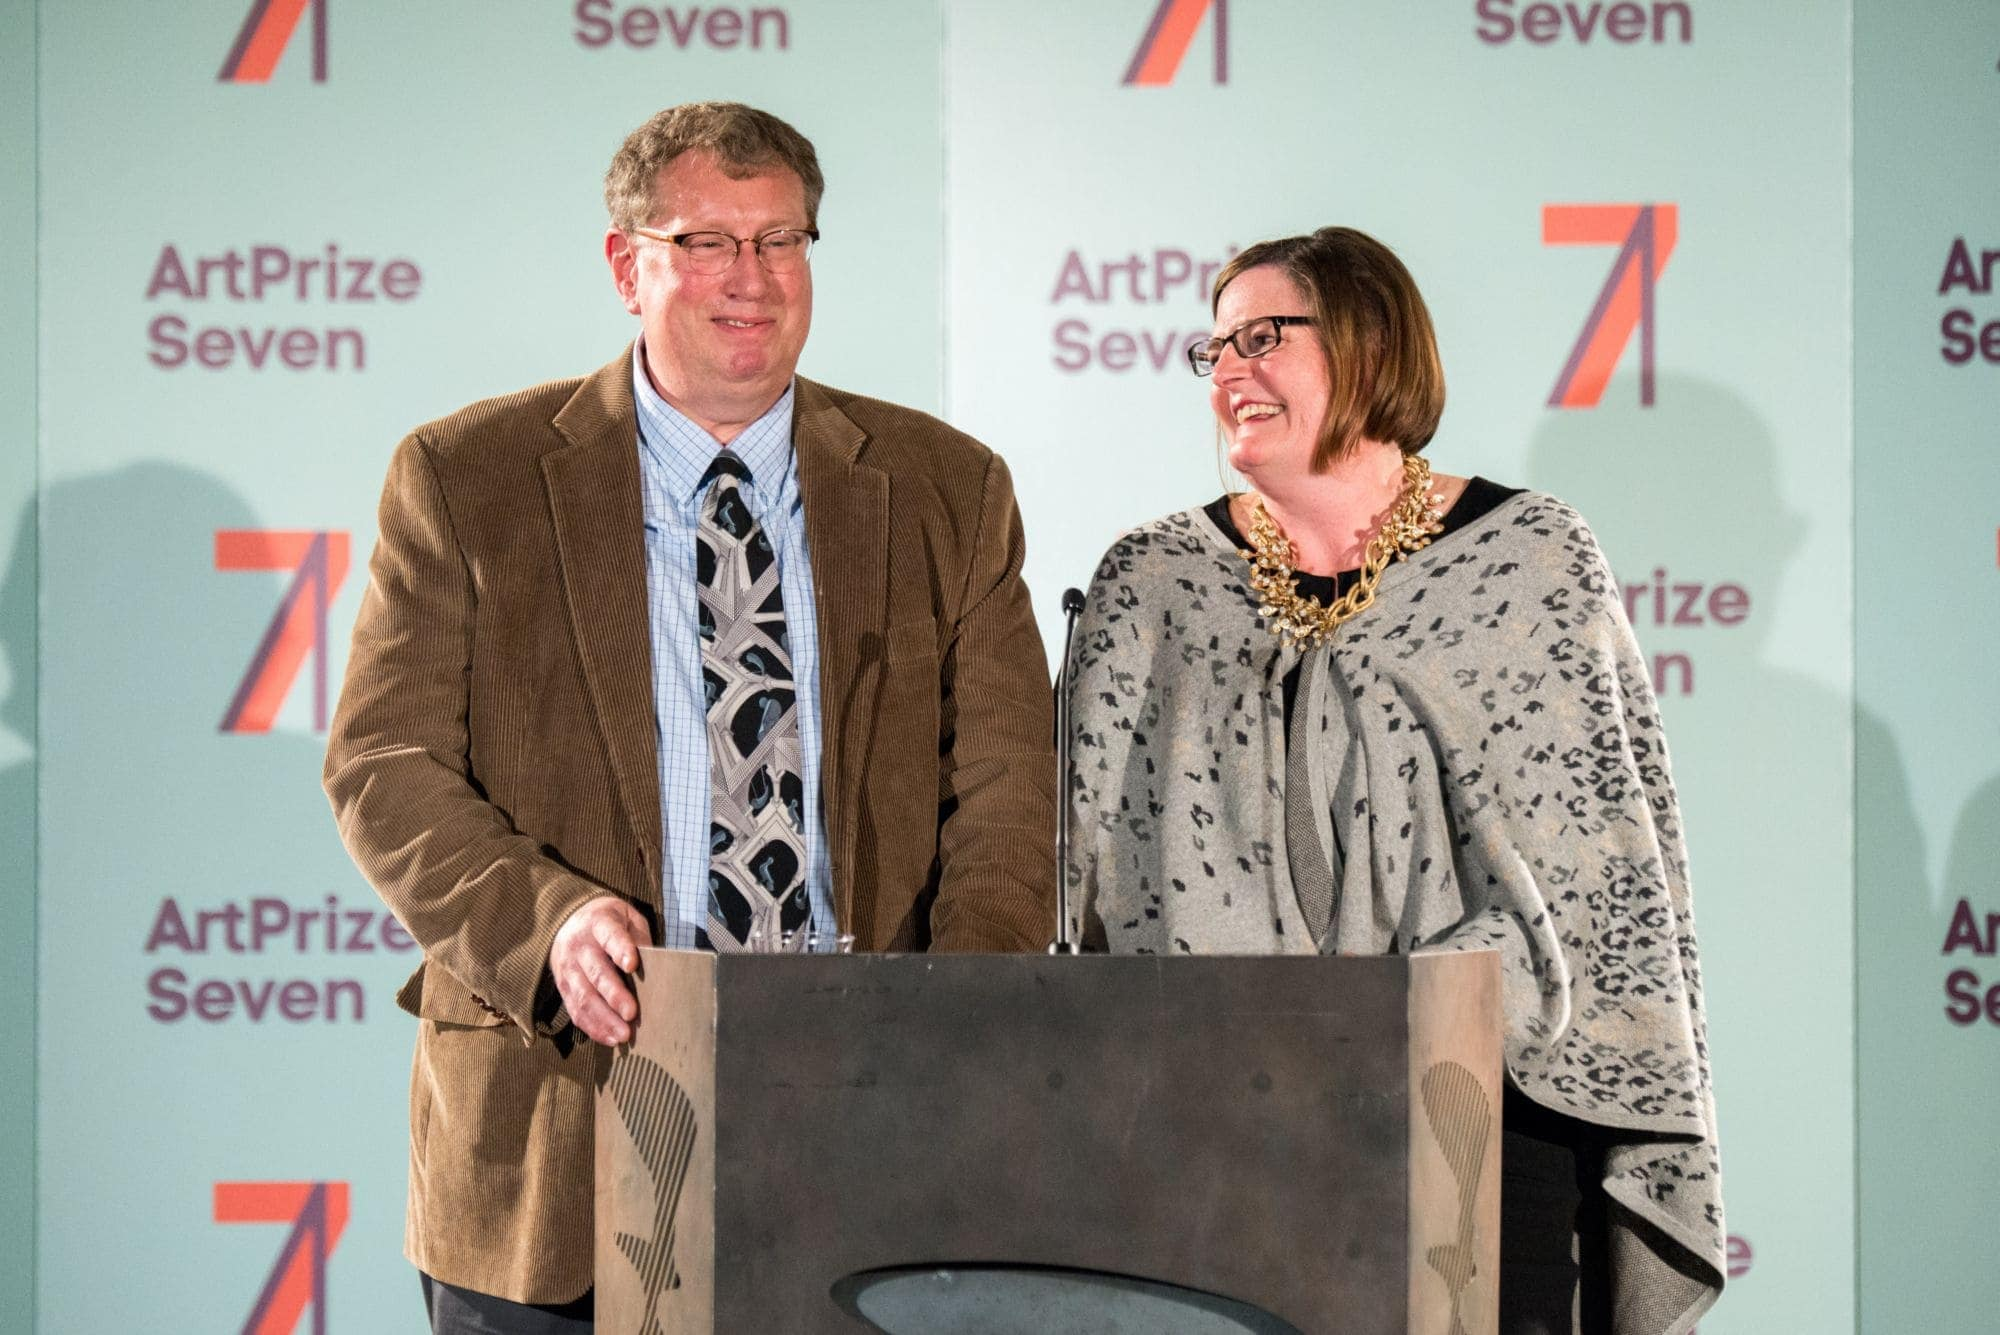 Steve and Ann Loveless at ArtPrize Seven, Photo taken by Bryan Esler for stellafly